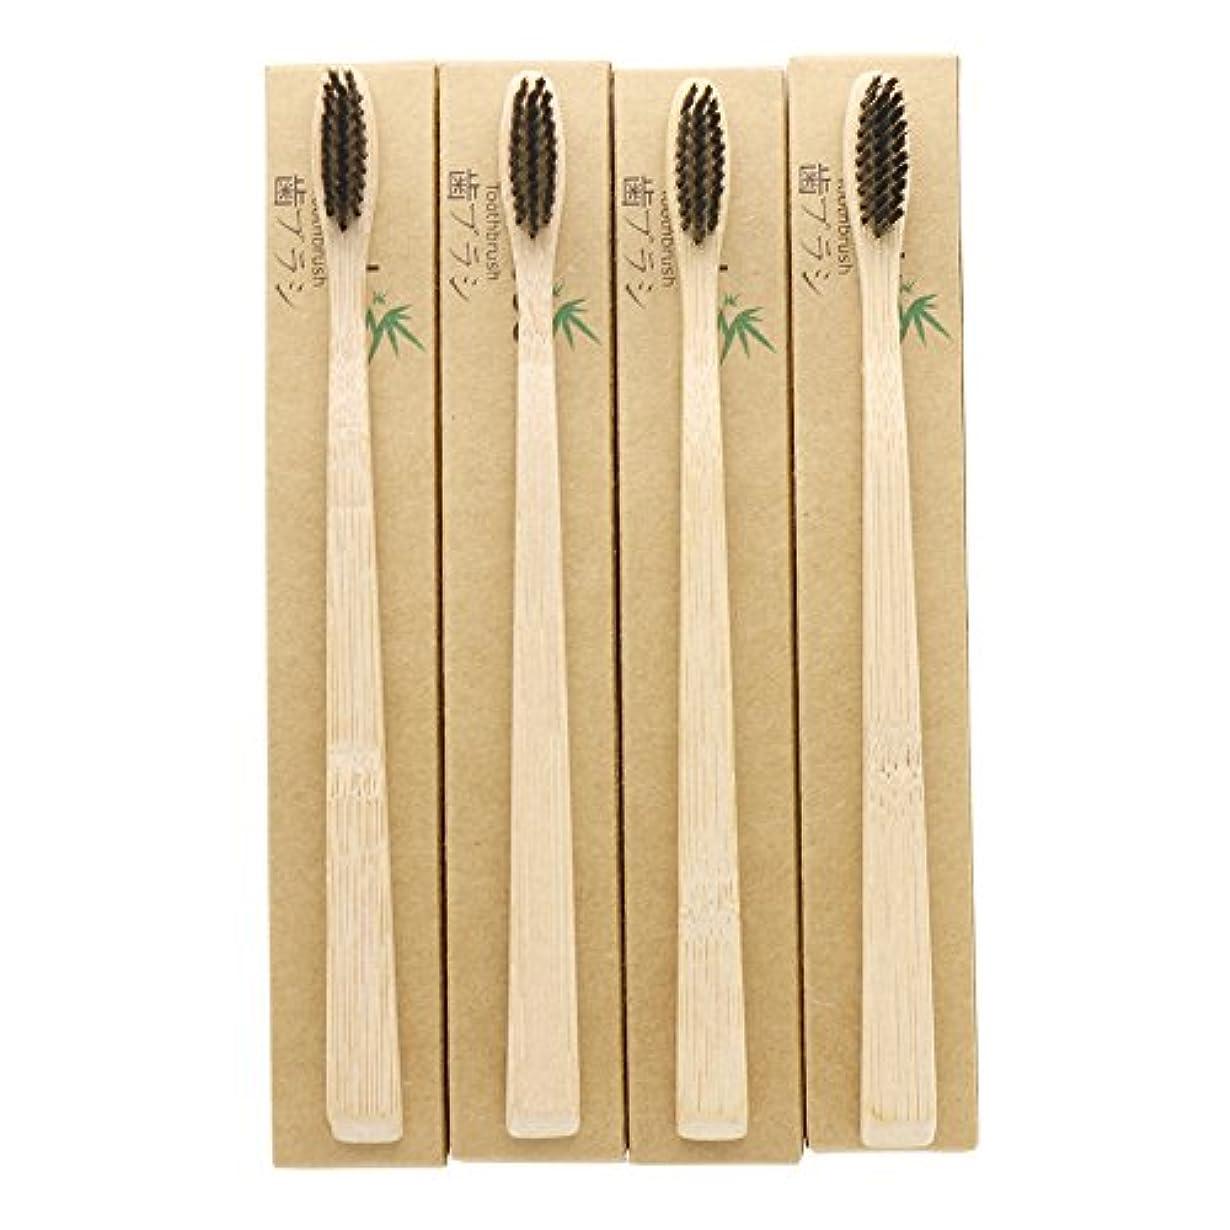 冊子文化リネンN-amboo 竹製耐久度高い 歯ブラシ 黒い ハンドル小さい 4本入りセット